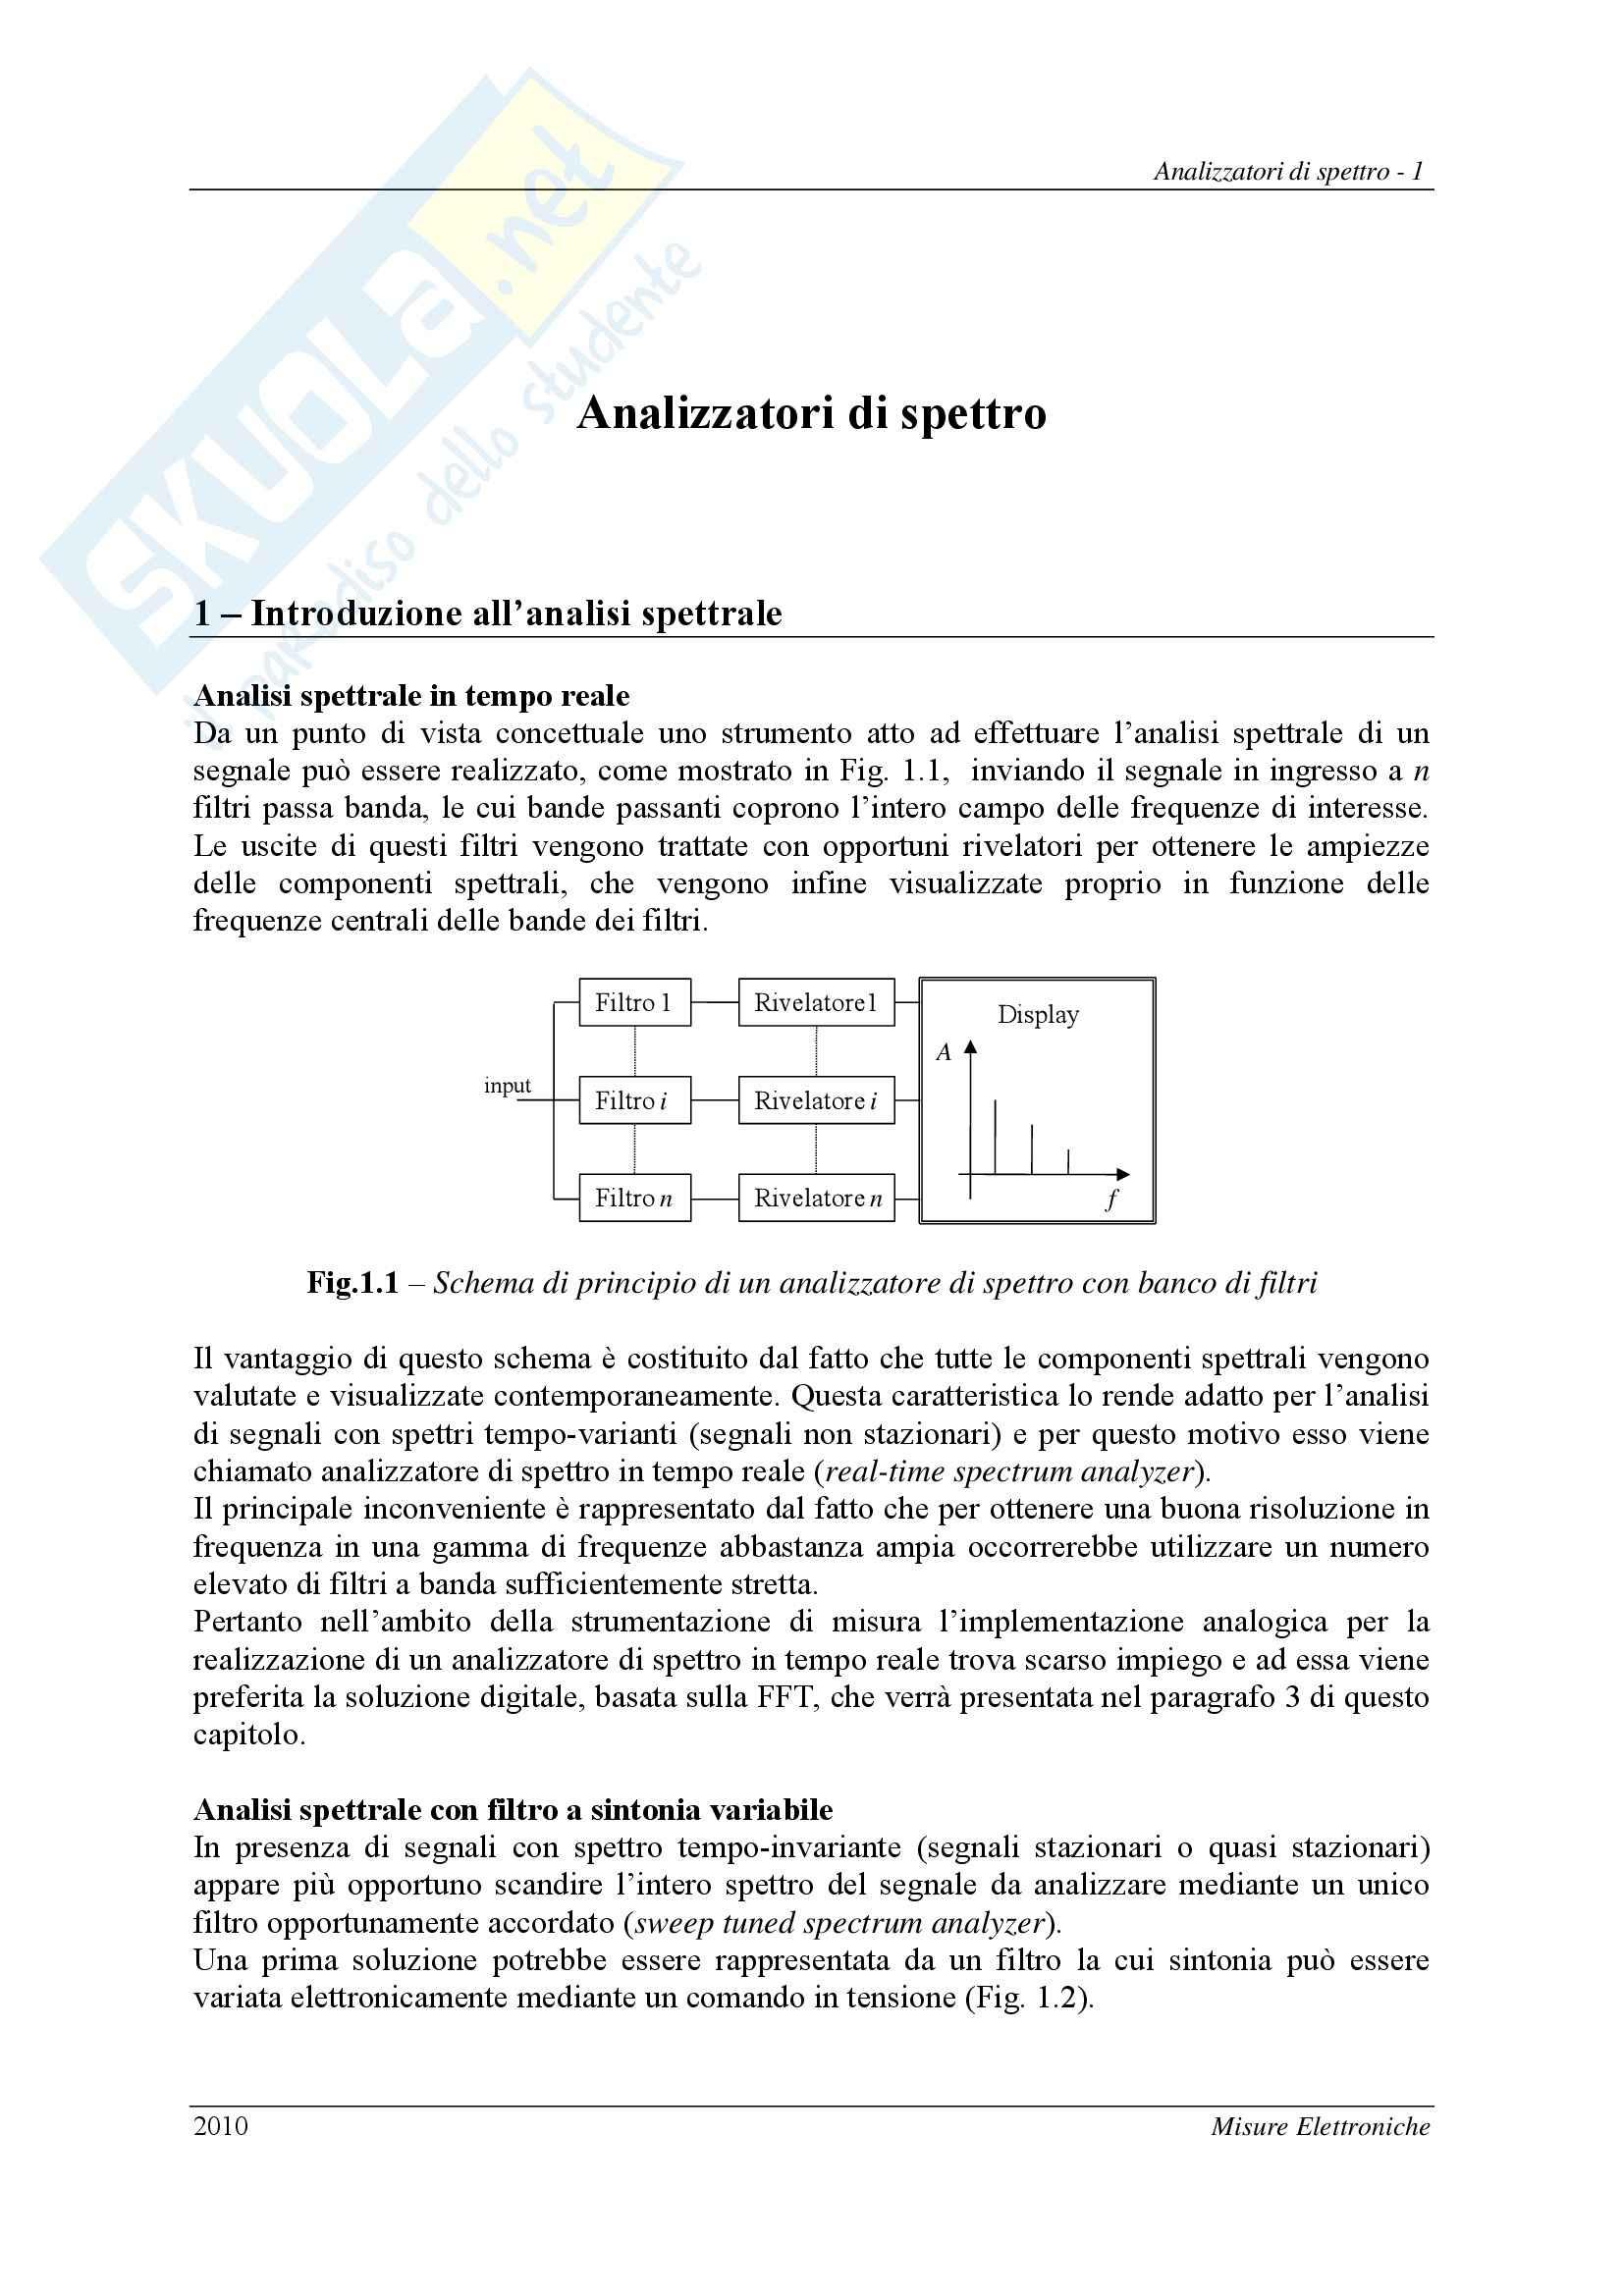 Misure per l'automazione - Analizzatori di spettro